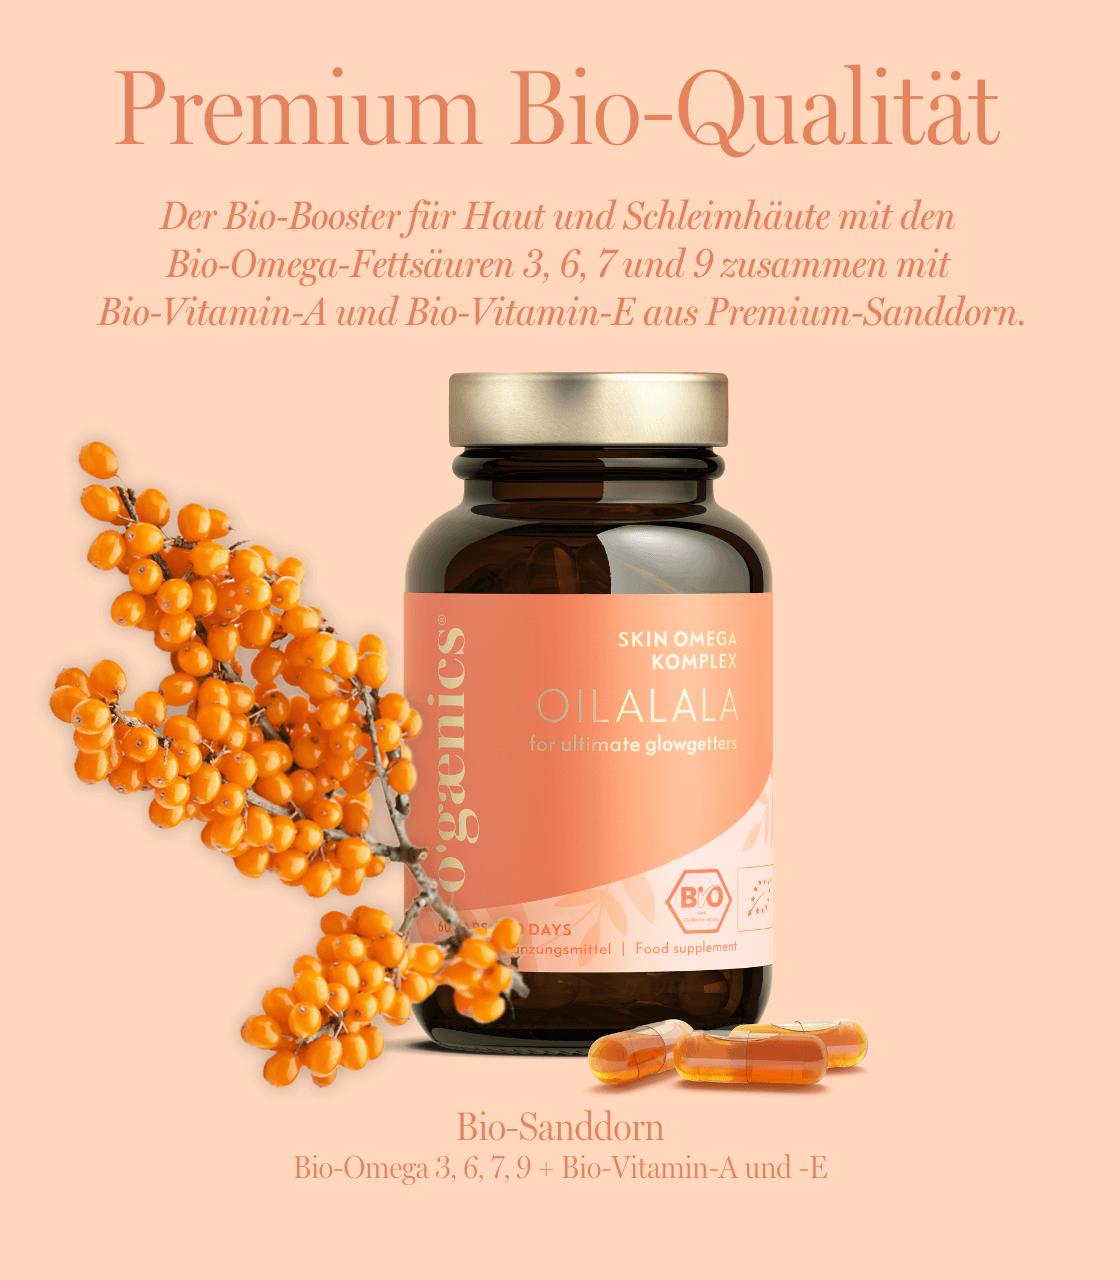 oilalala-skin-bio-omega-3-6-7-9-bio-vitamine-nahrungsergaenzungkomplex